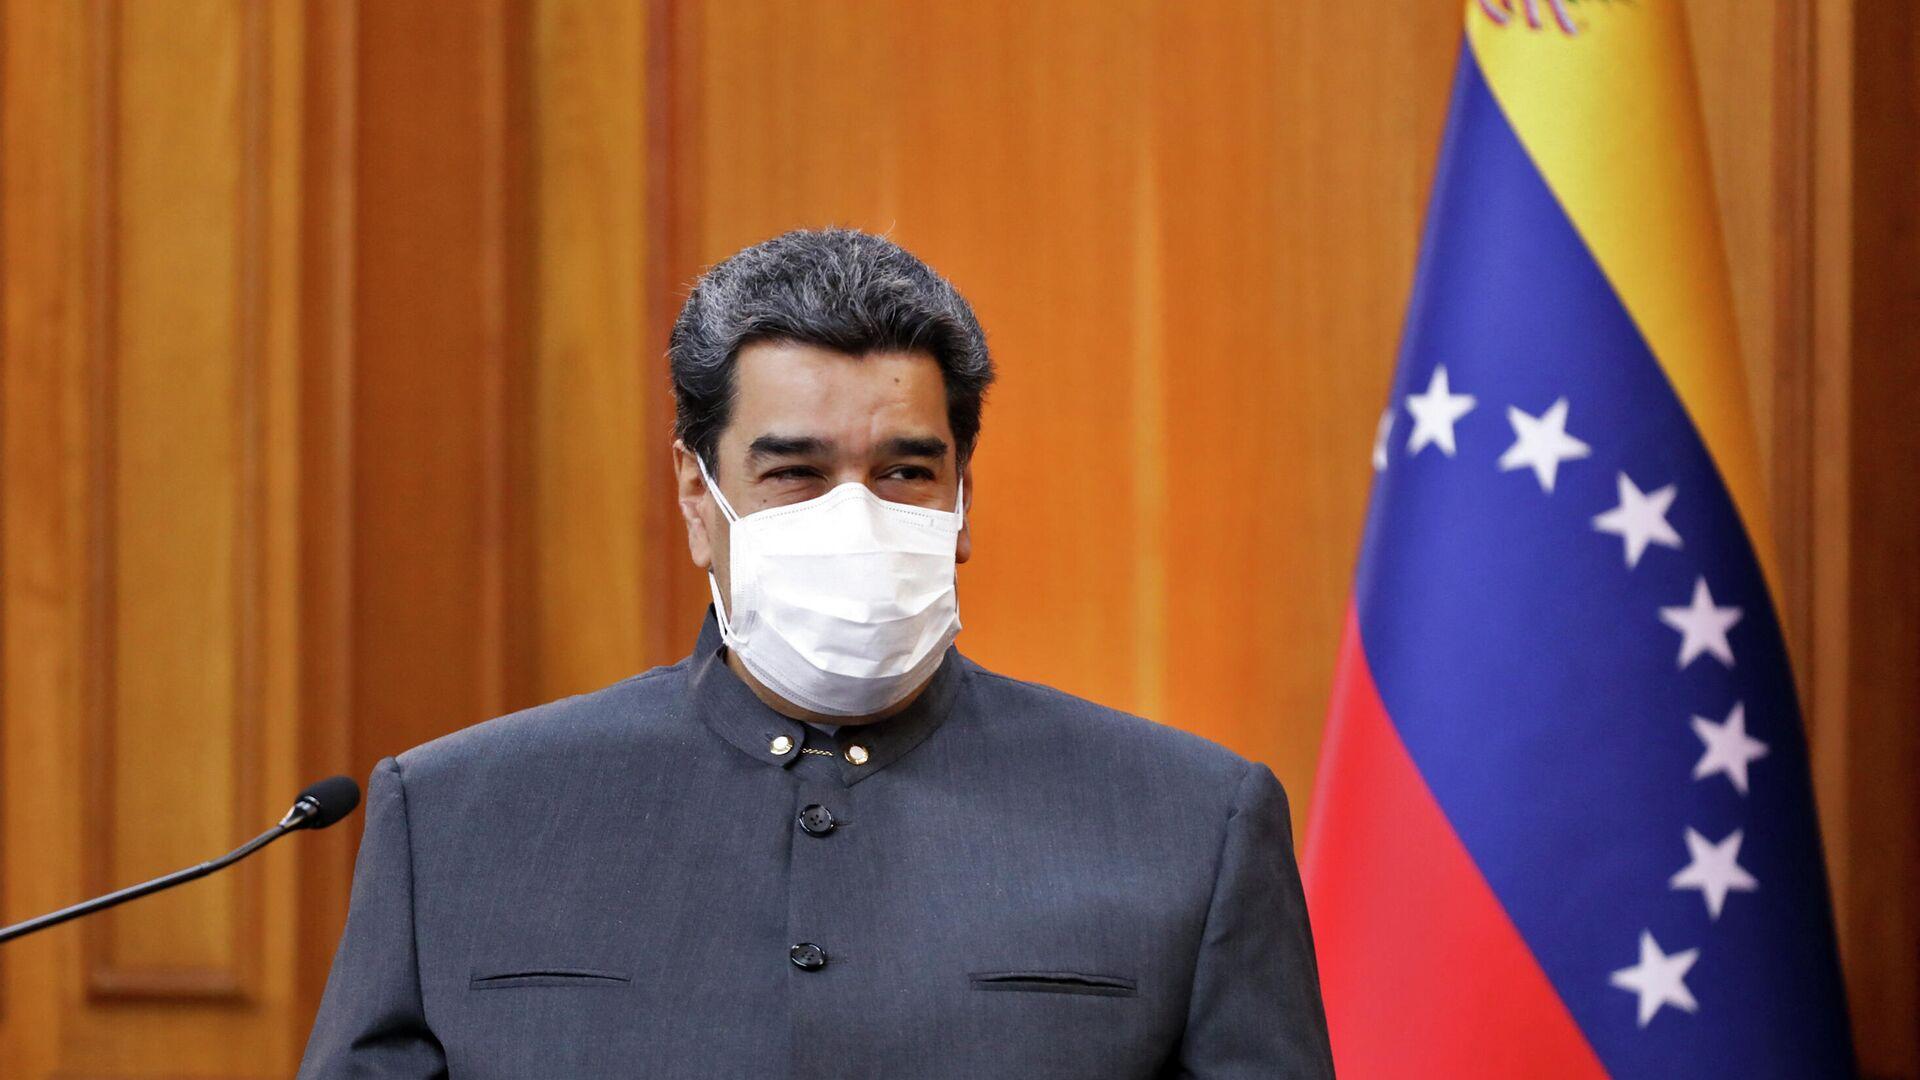 Nicolás Maduro, presidente de Venezuela - Sputnik Mundo, 1920, 09.09.2021